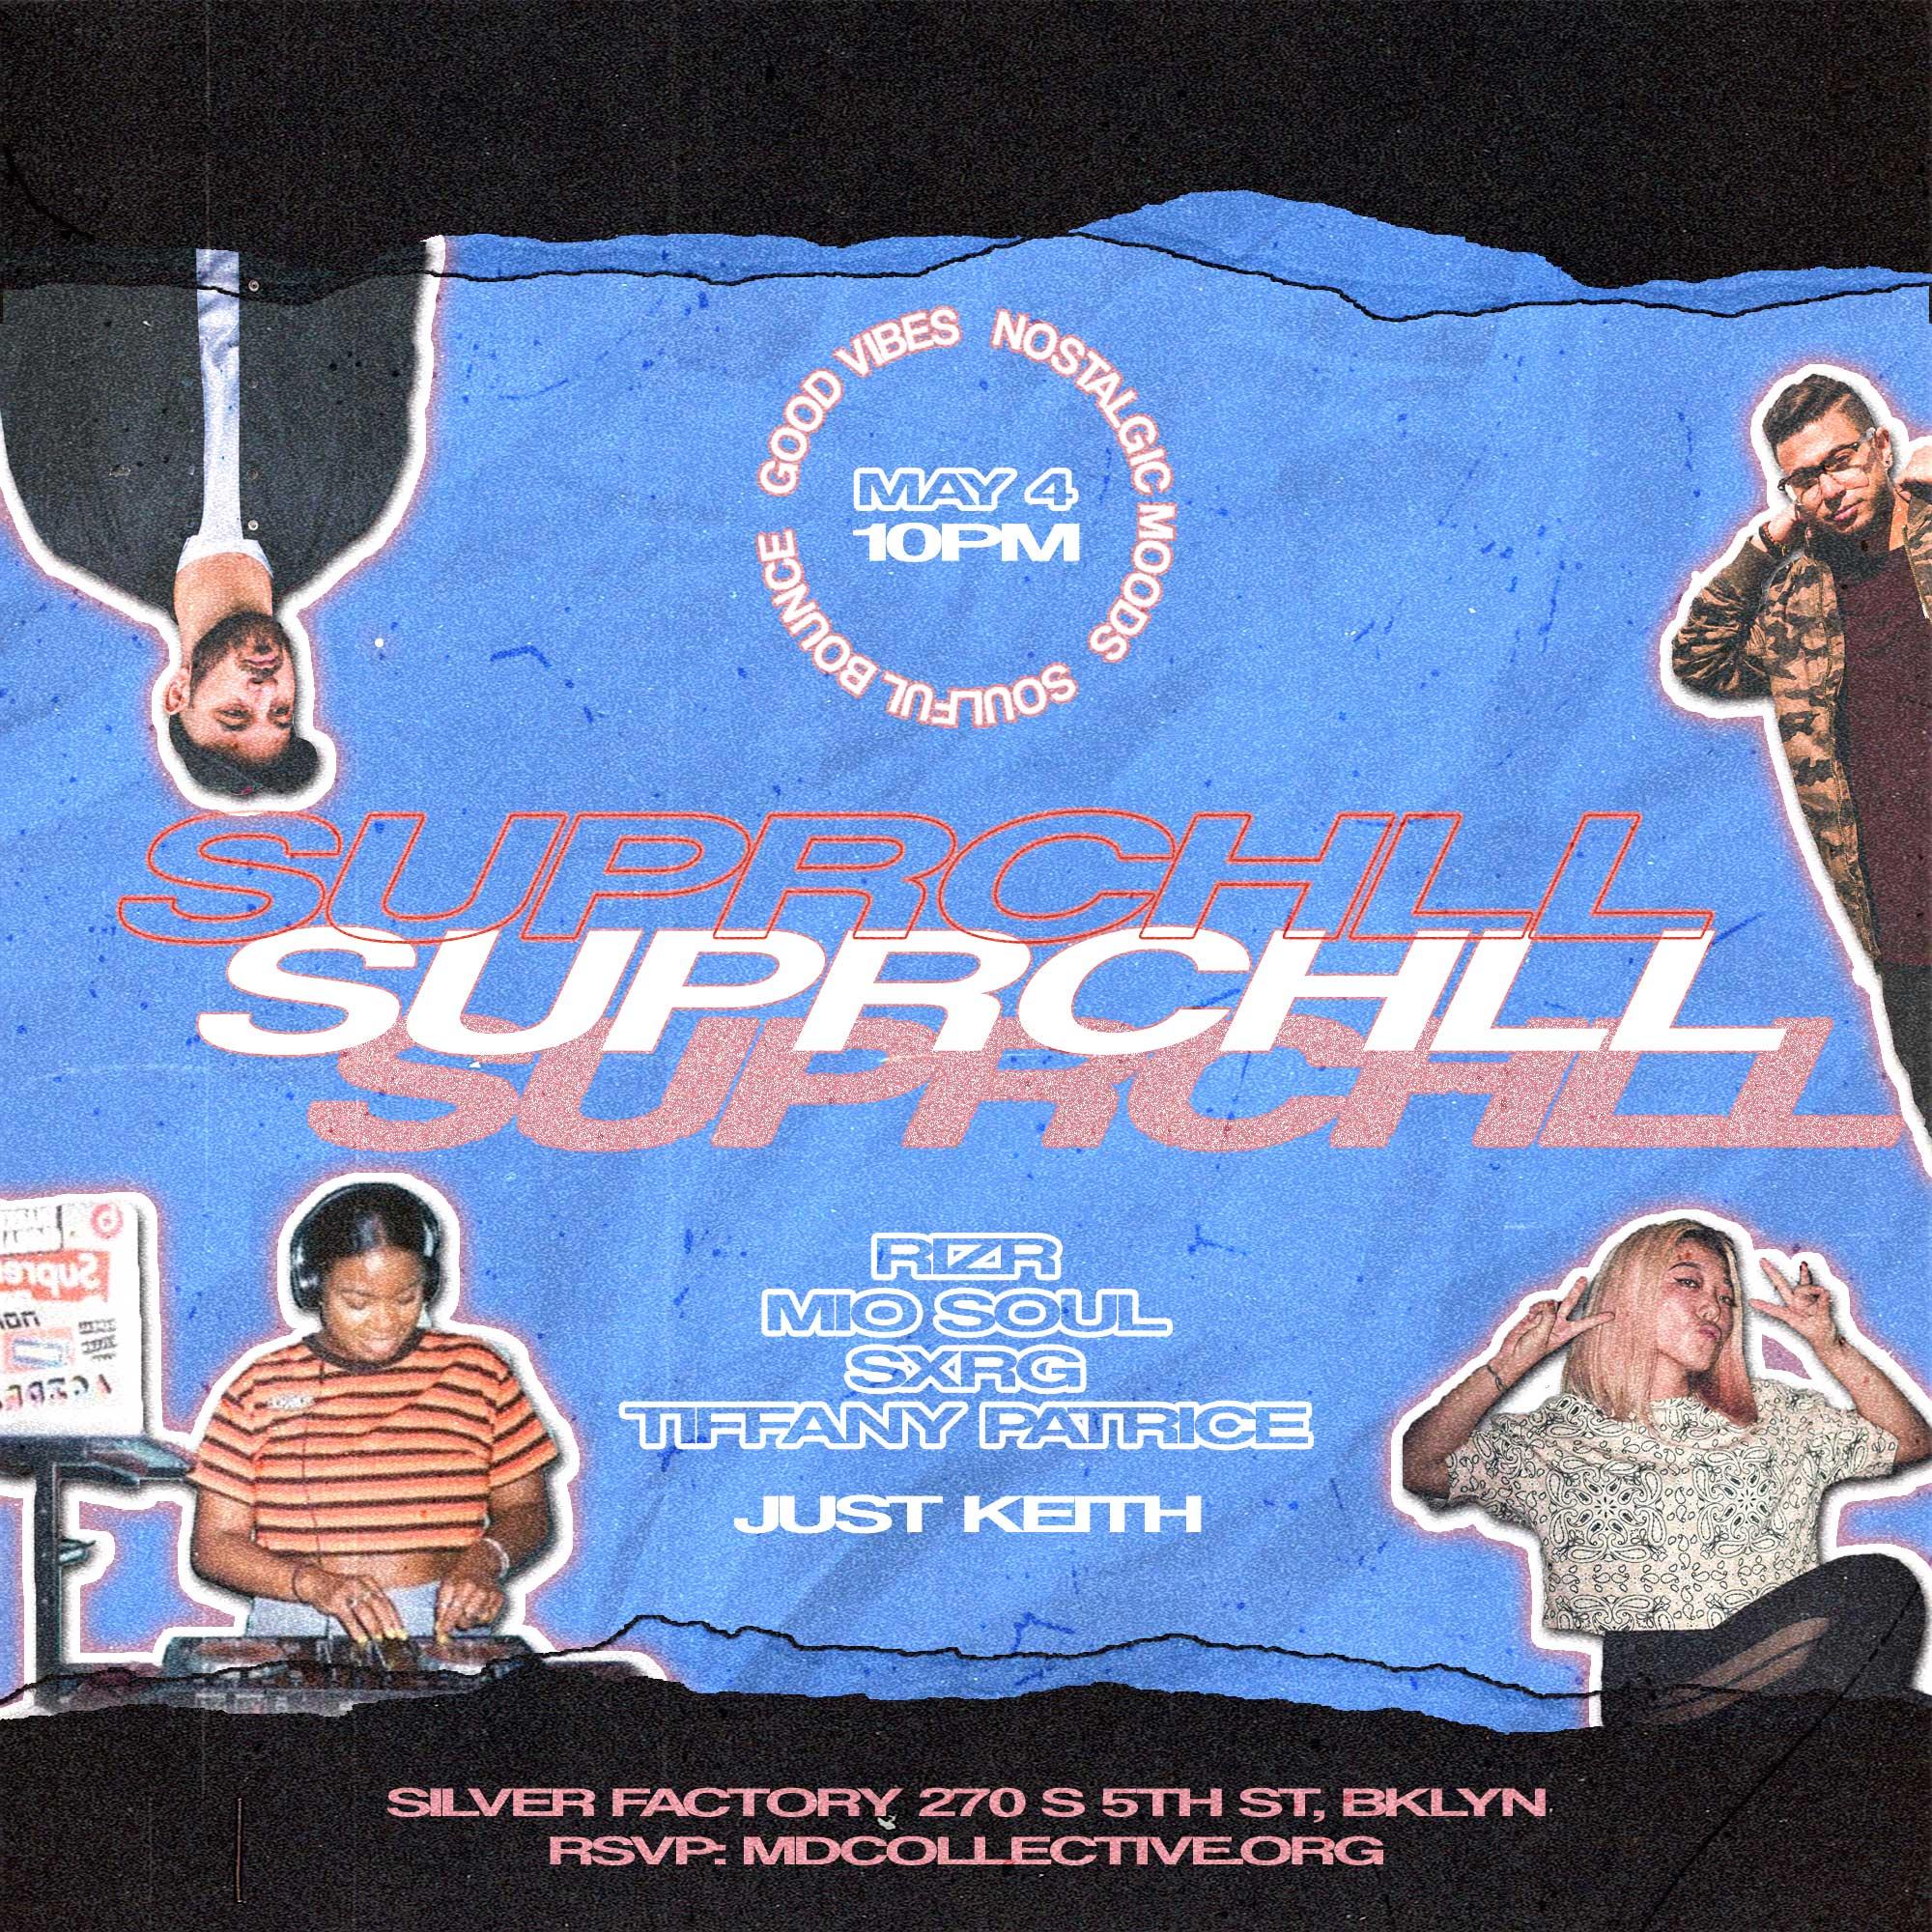 SUPRCHLL-VOL.-5-FLYER.jpg